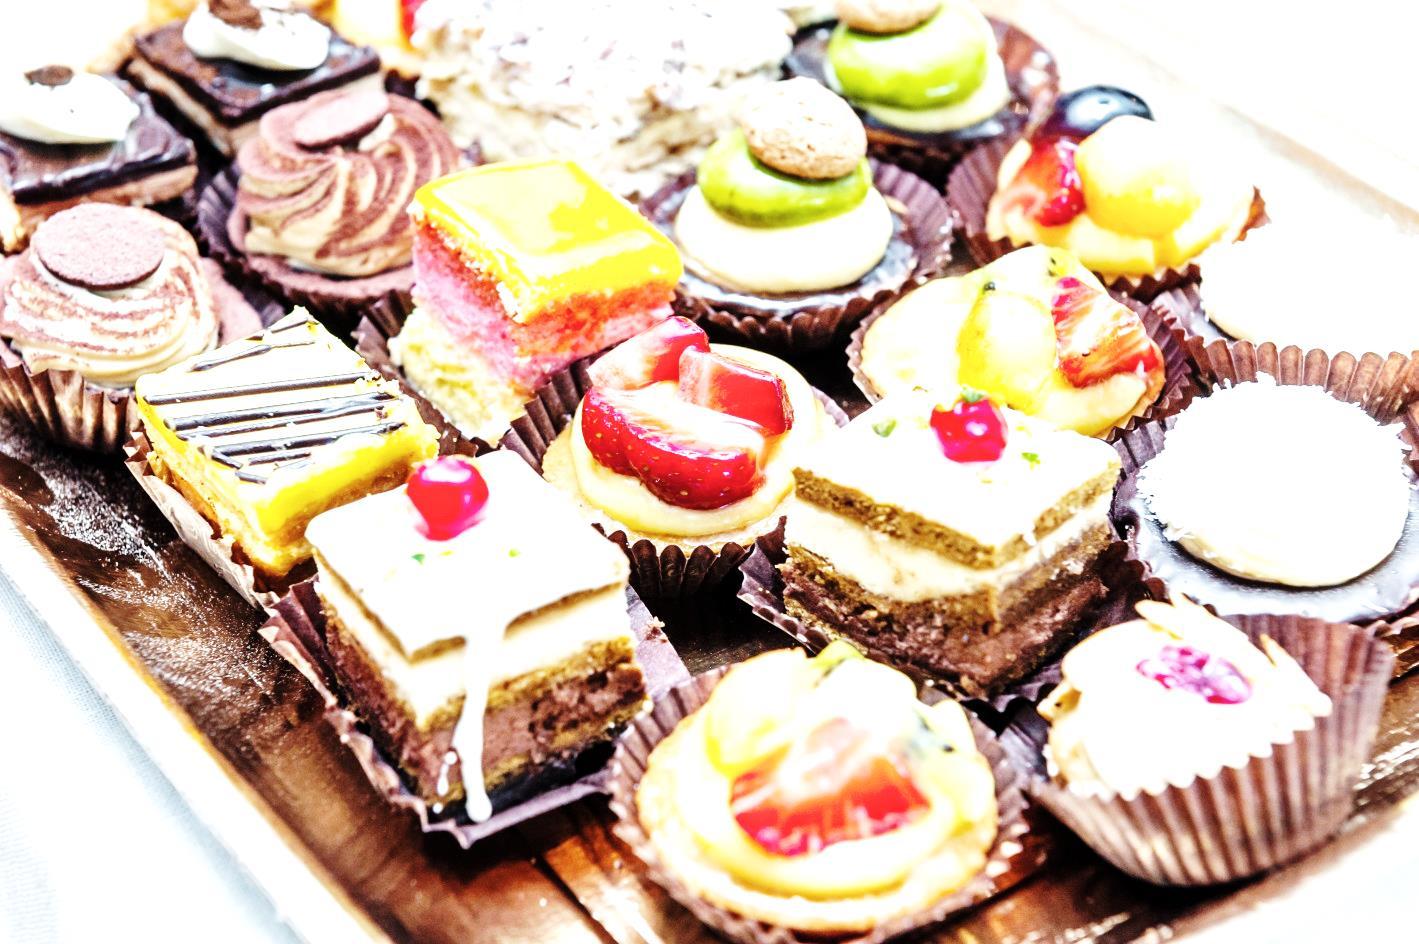 рецептура приготовления тортов и пирожных пониженной калорийности